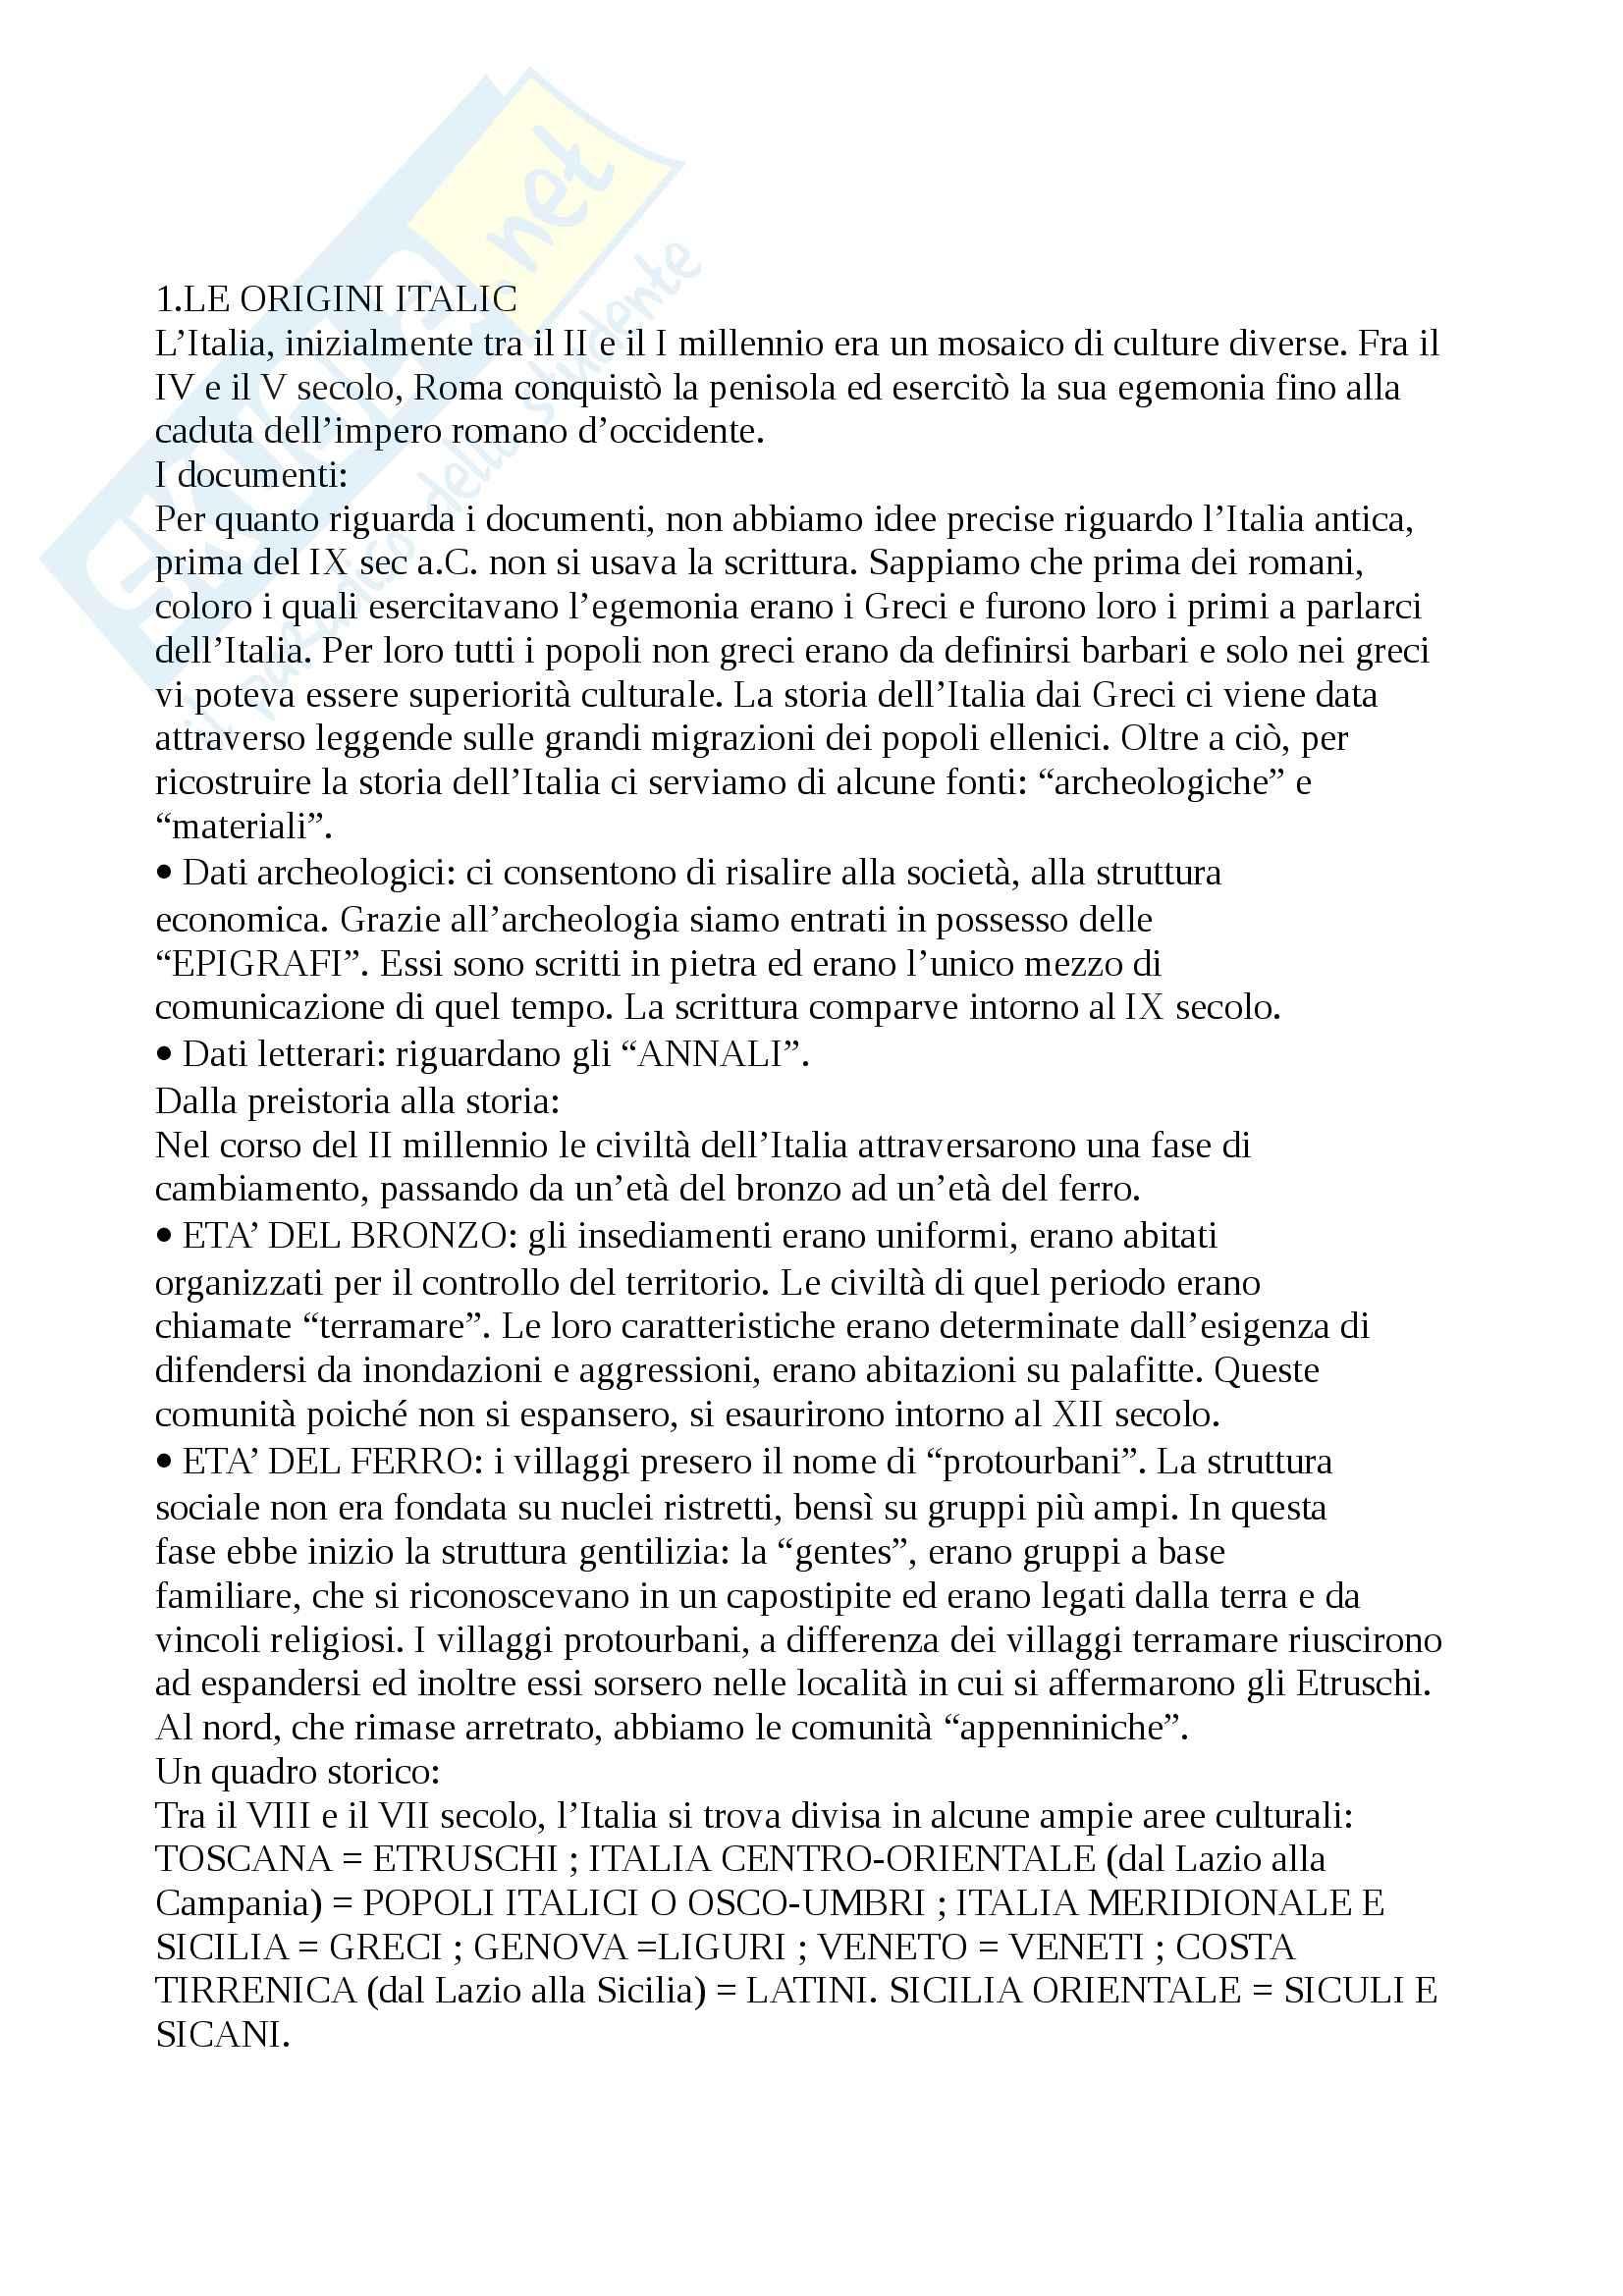 Riassunto esame Storia romana, libro adottato Guida alla storia romana, Clemente